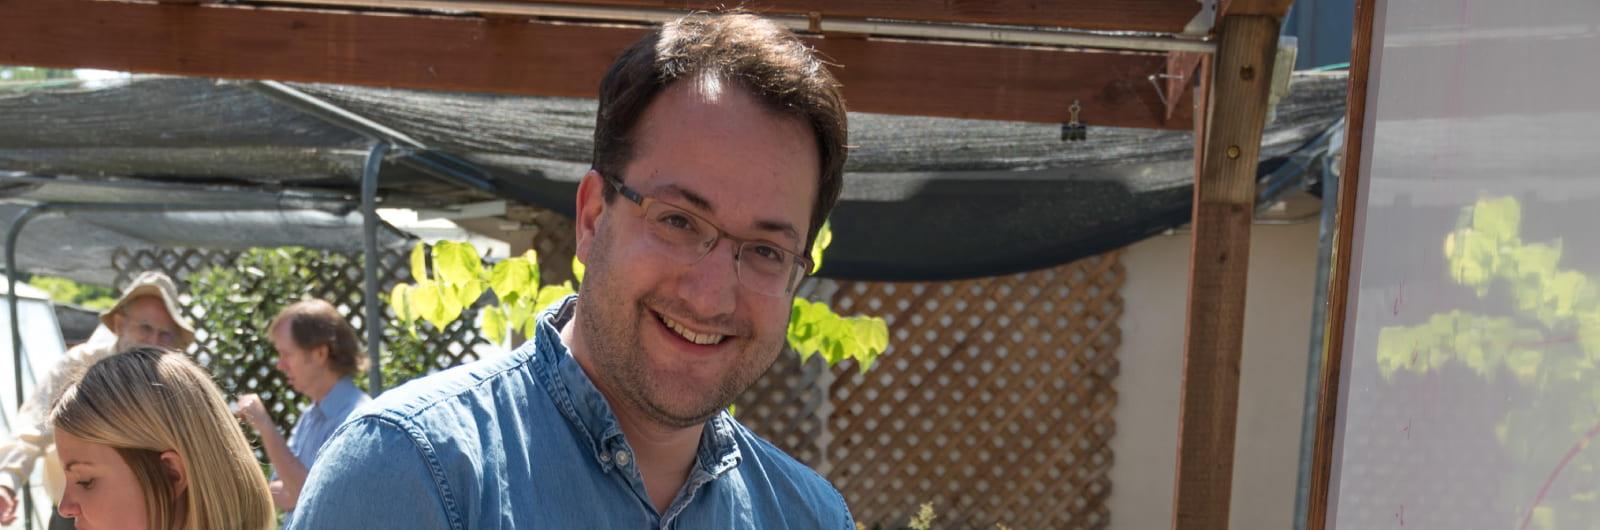 Andrew Skemer